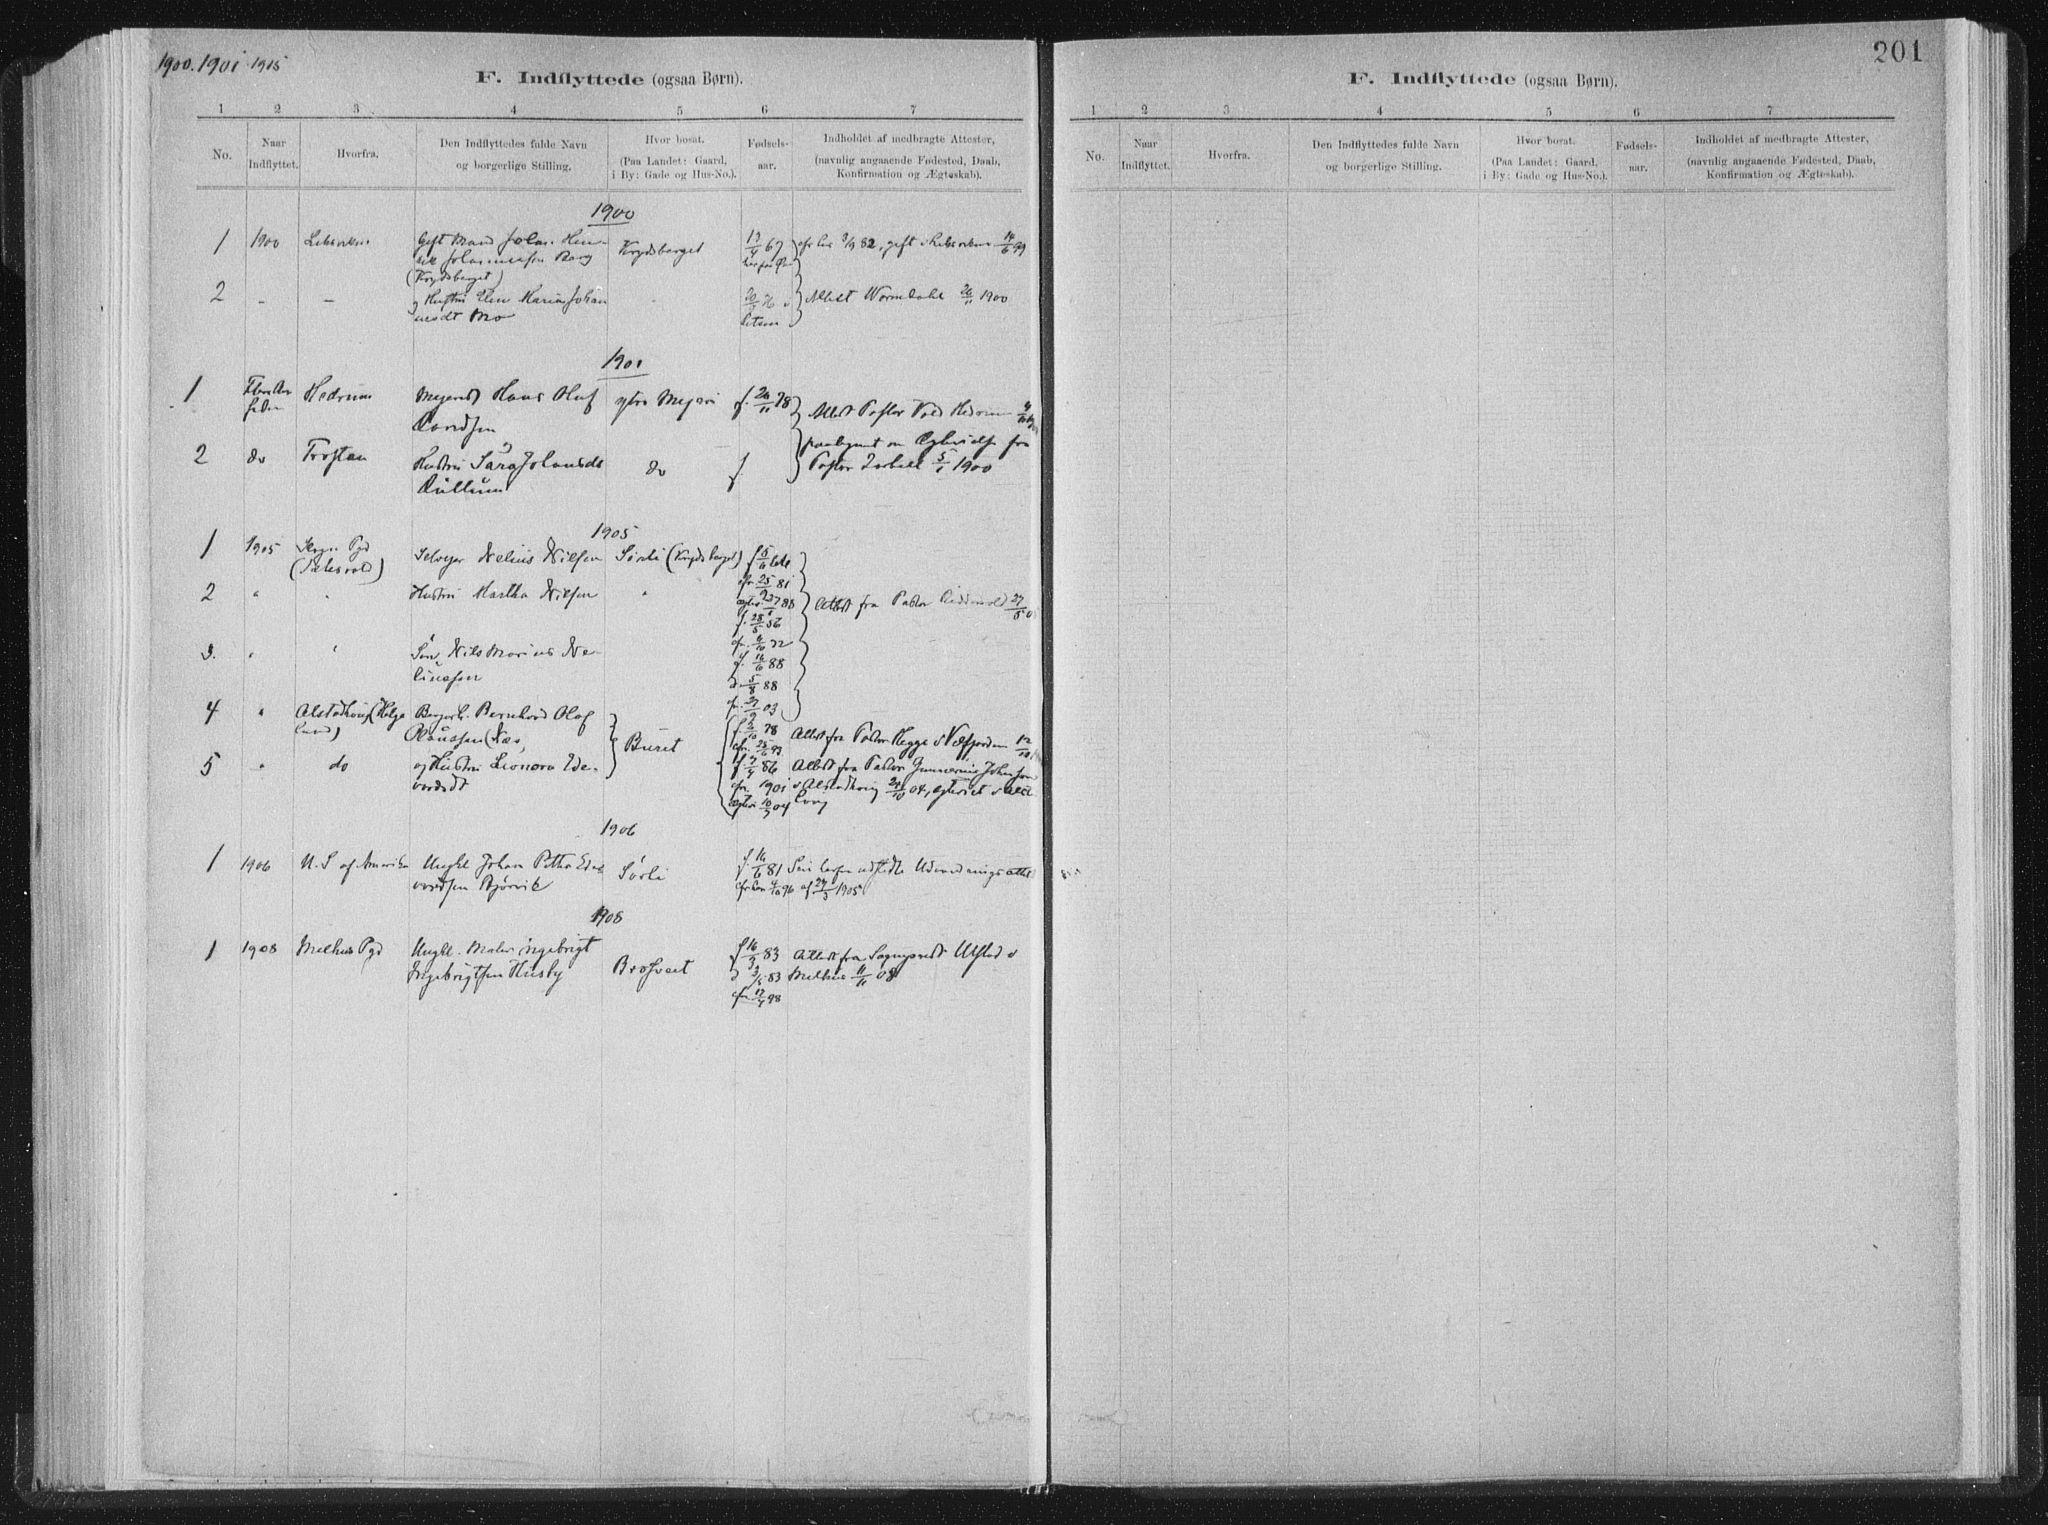 SAT, Ministerialprotokoller, klokkerbøker og fødselsregistre - Nord-Trøndelag, 722/L0220: Ministerialbok nr. 722A07, 1881-1908, s. 201